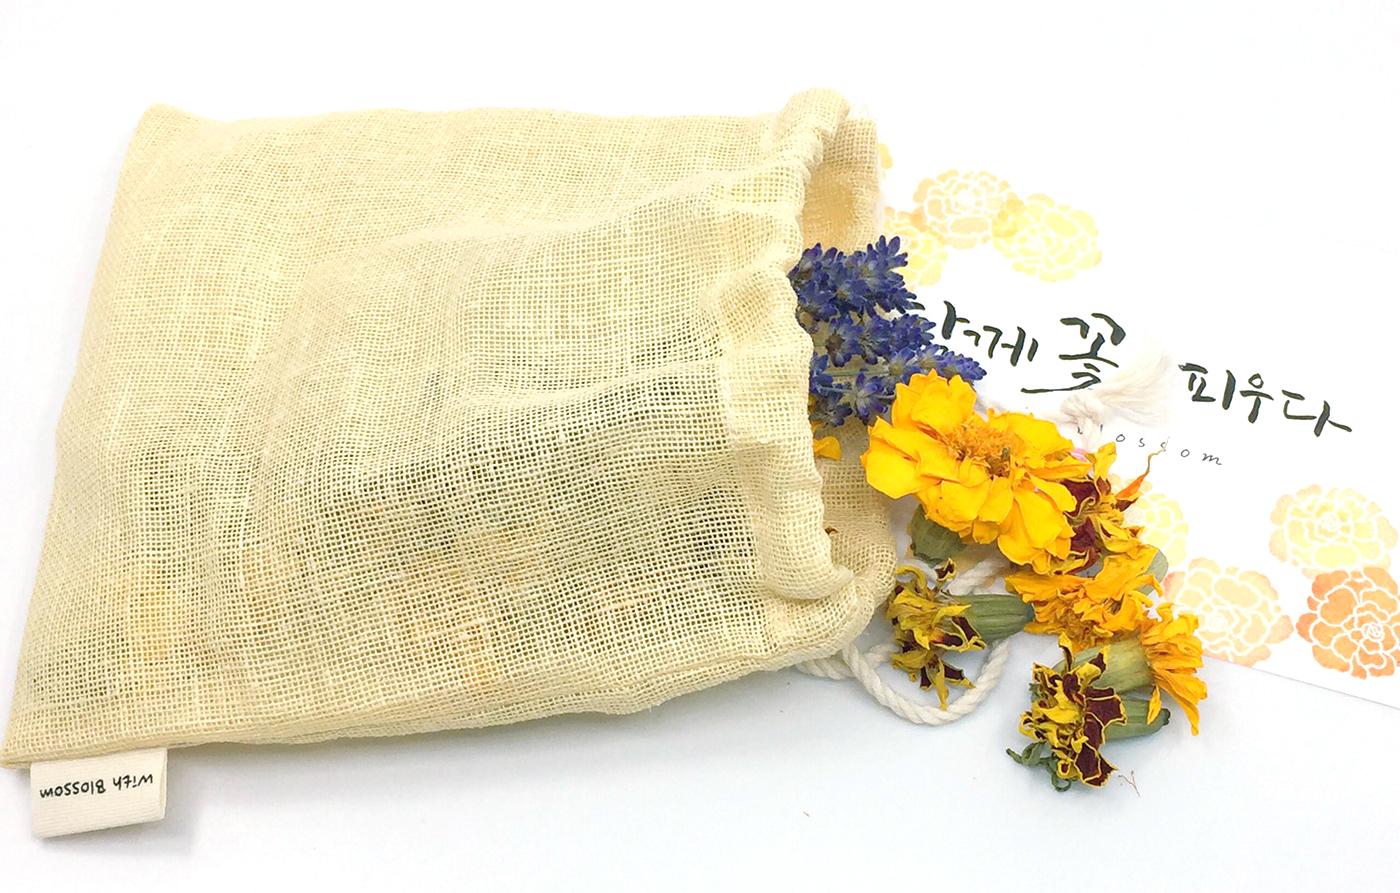 메리골드&라벤더 천연 입욕제/직접 재배한 메리골드 천연 입욕제(메리골드10g+라벤더2g) 상세이미지2